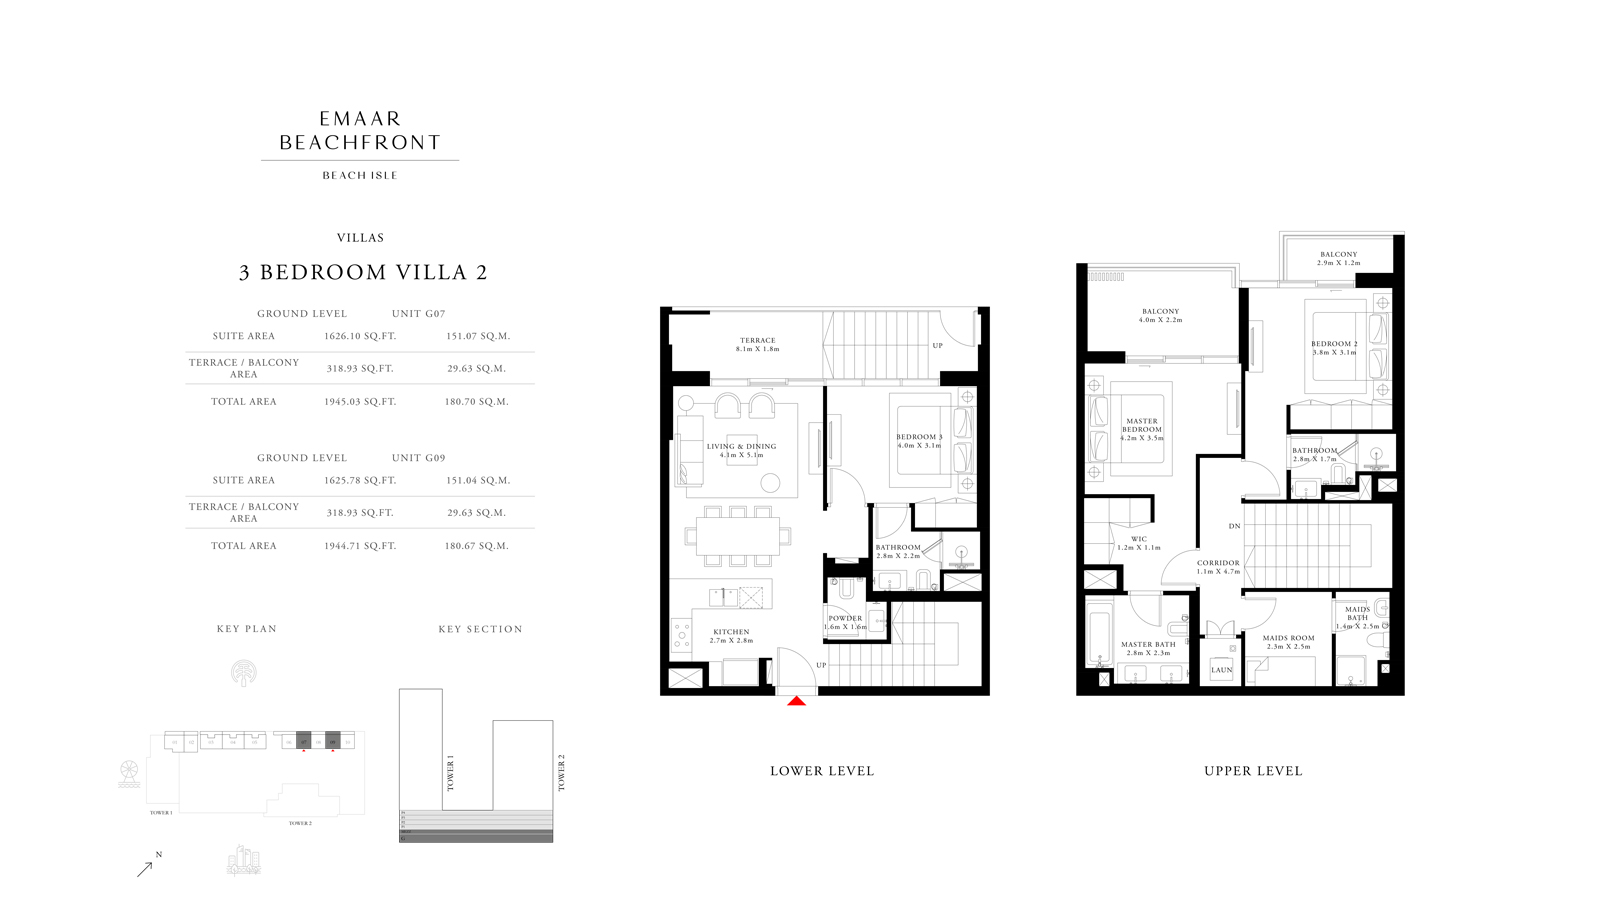 3 Bedroom Villas 2, Size 1944 sq ft